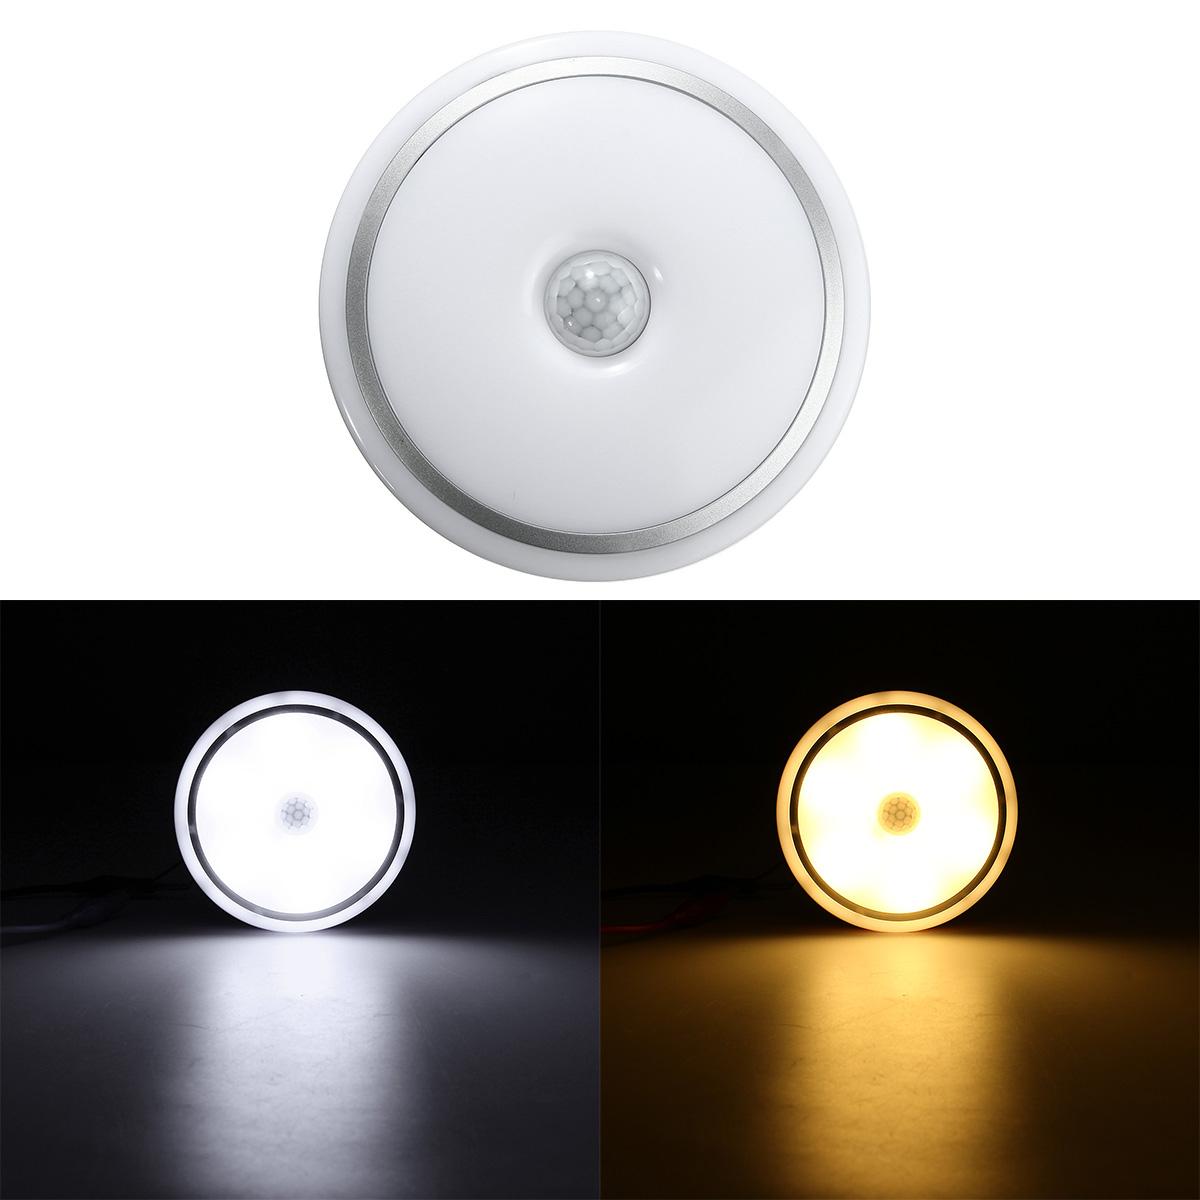 12w Pir Motion Sensor Infrared Led Ceiling Lamp Down Light